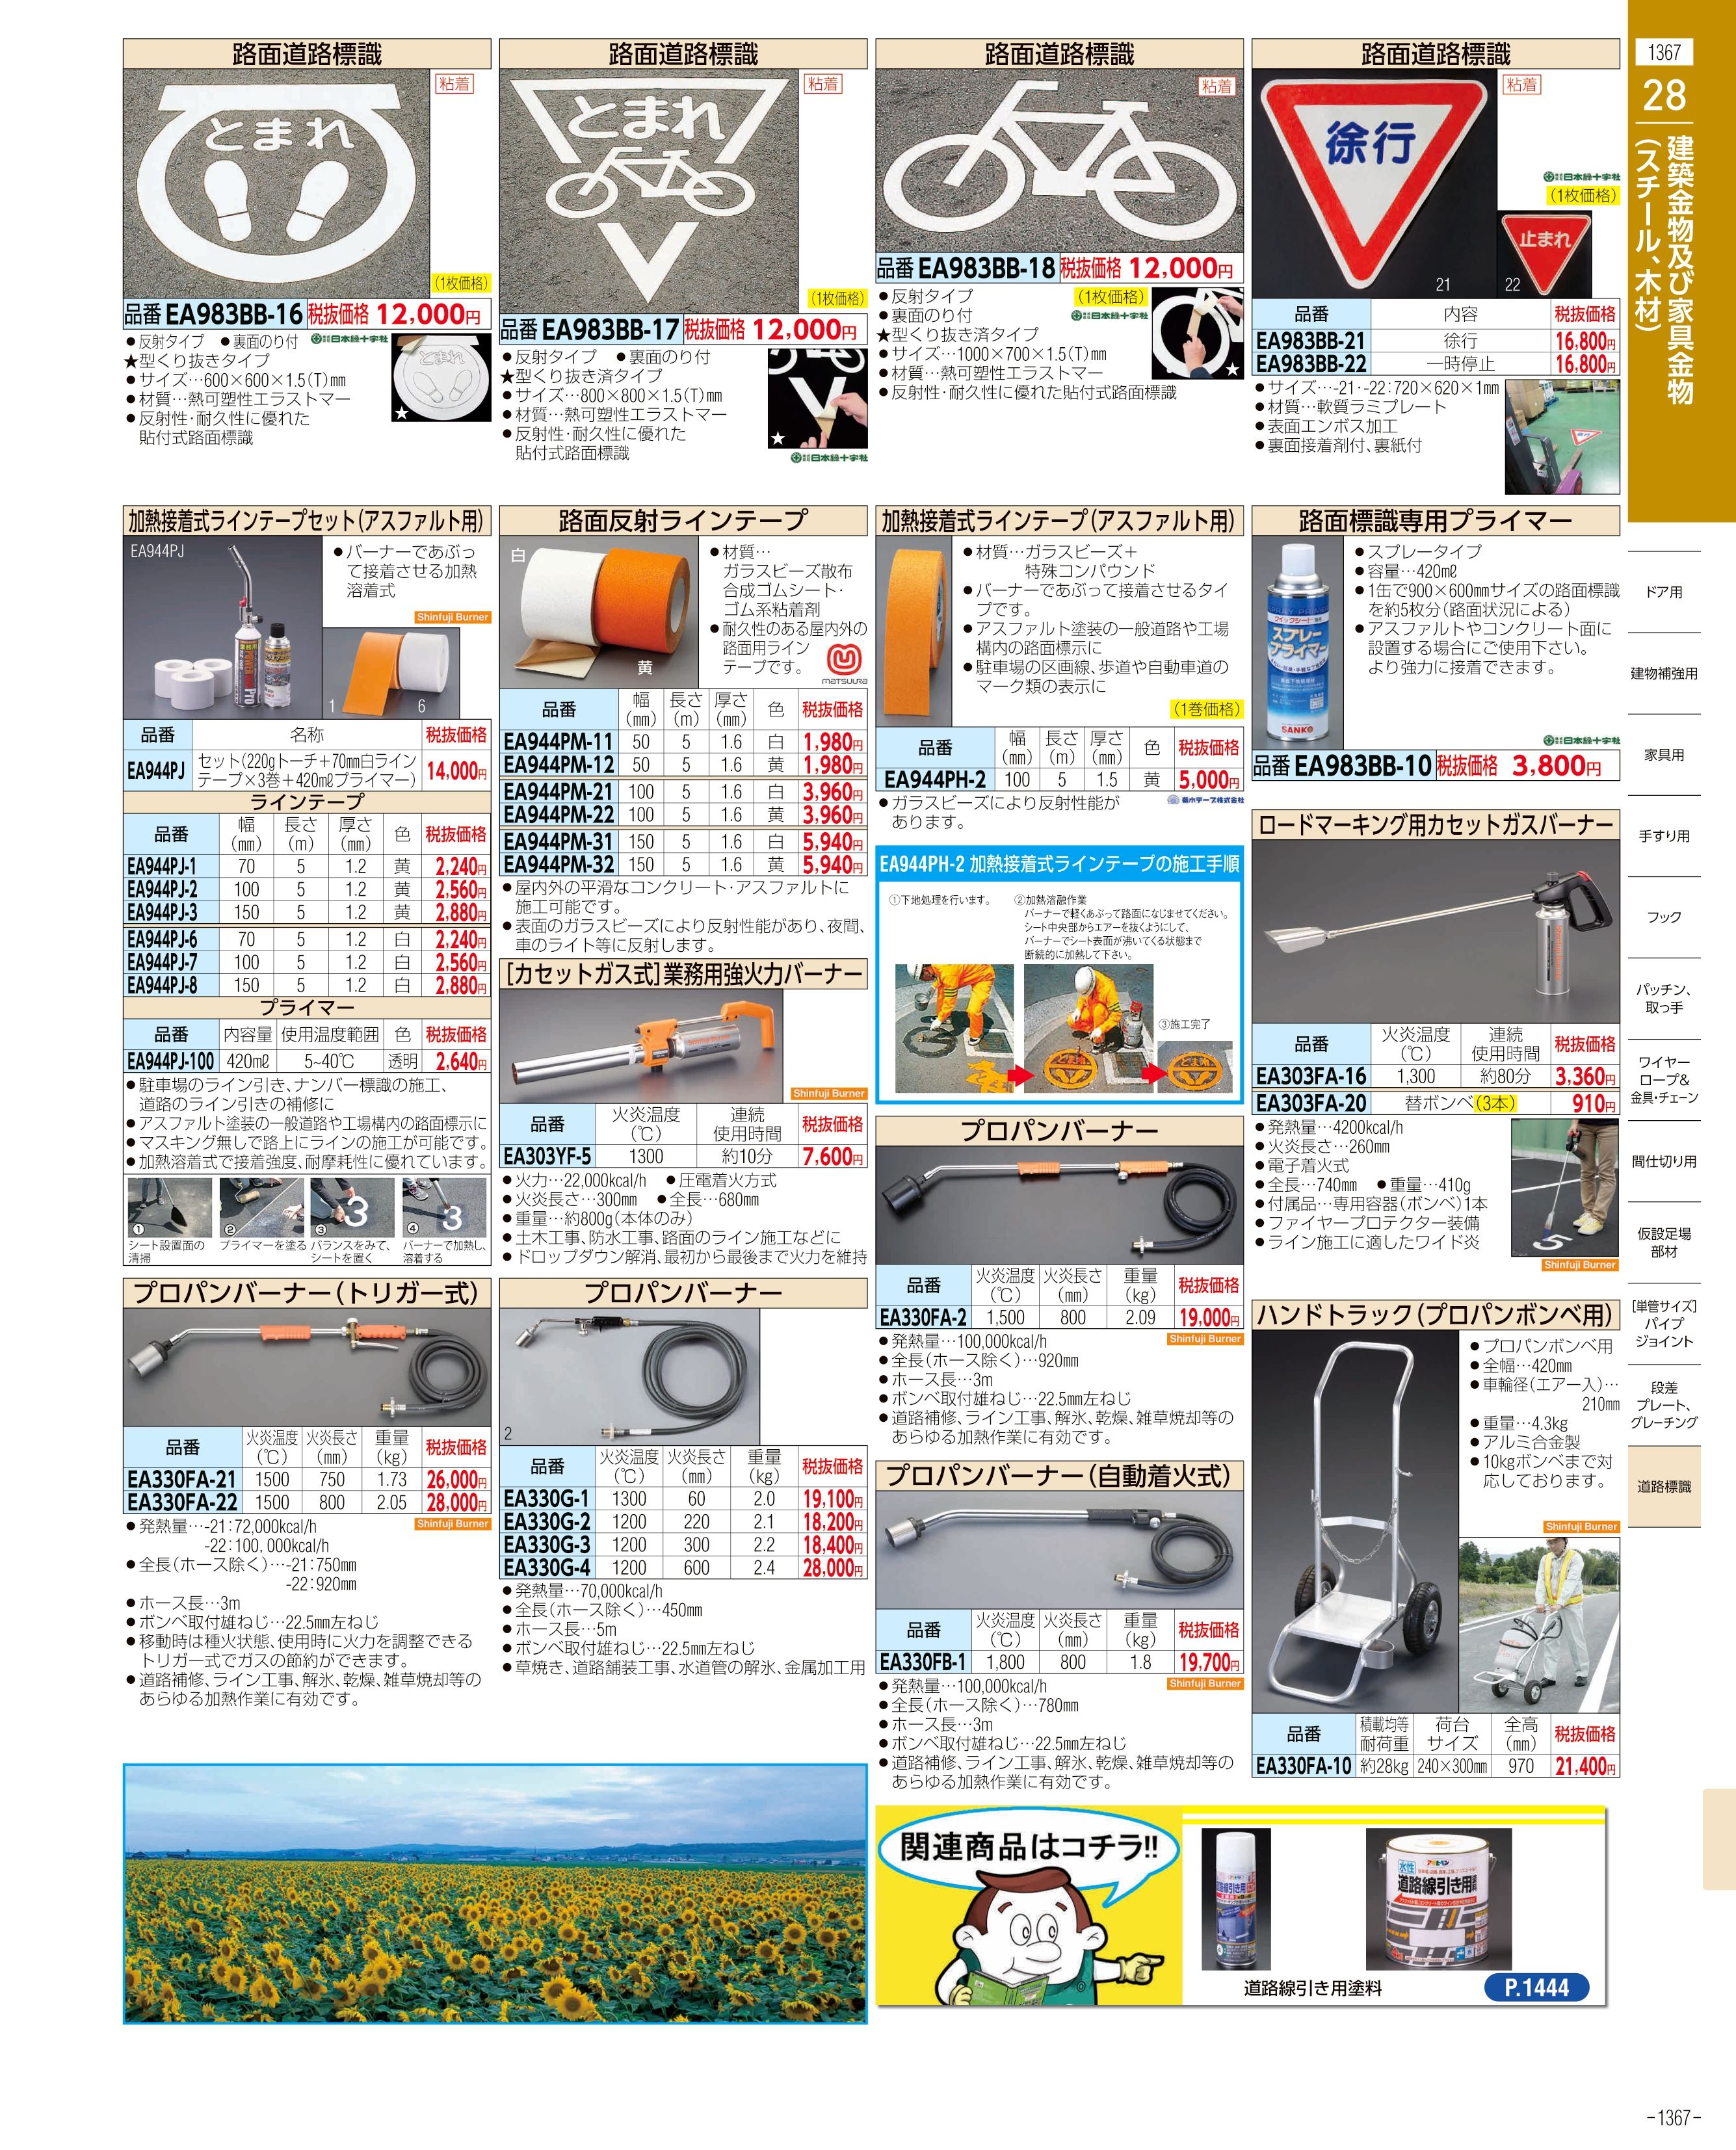 エスコ便利カタログ1367ページ